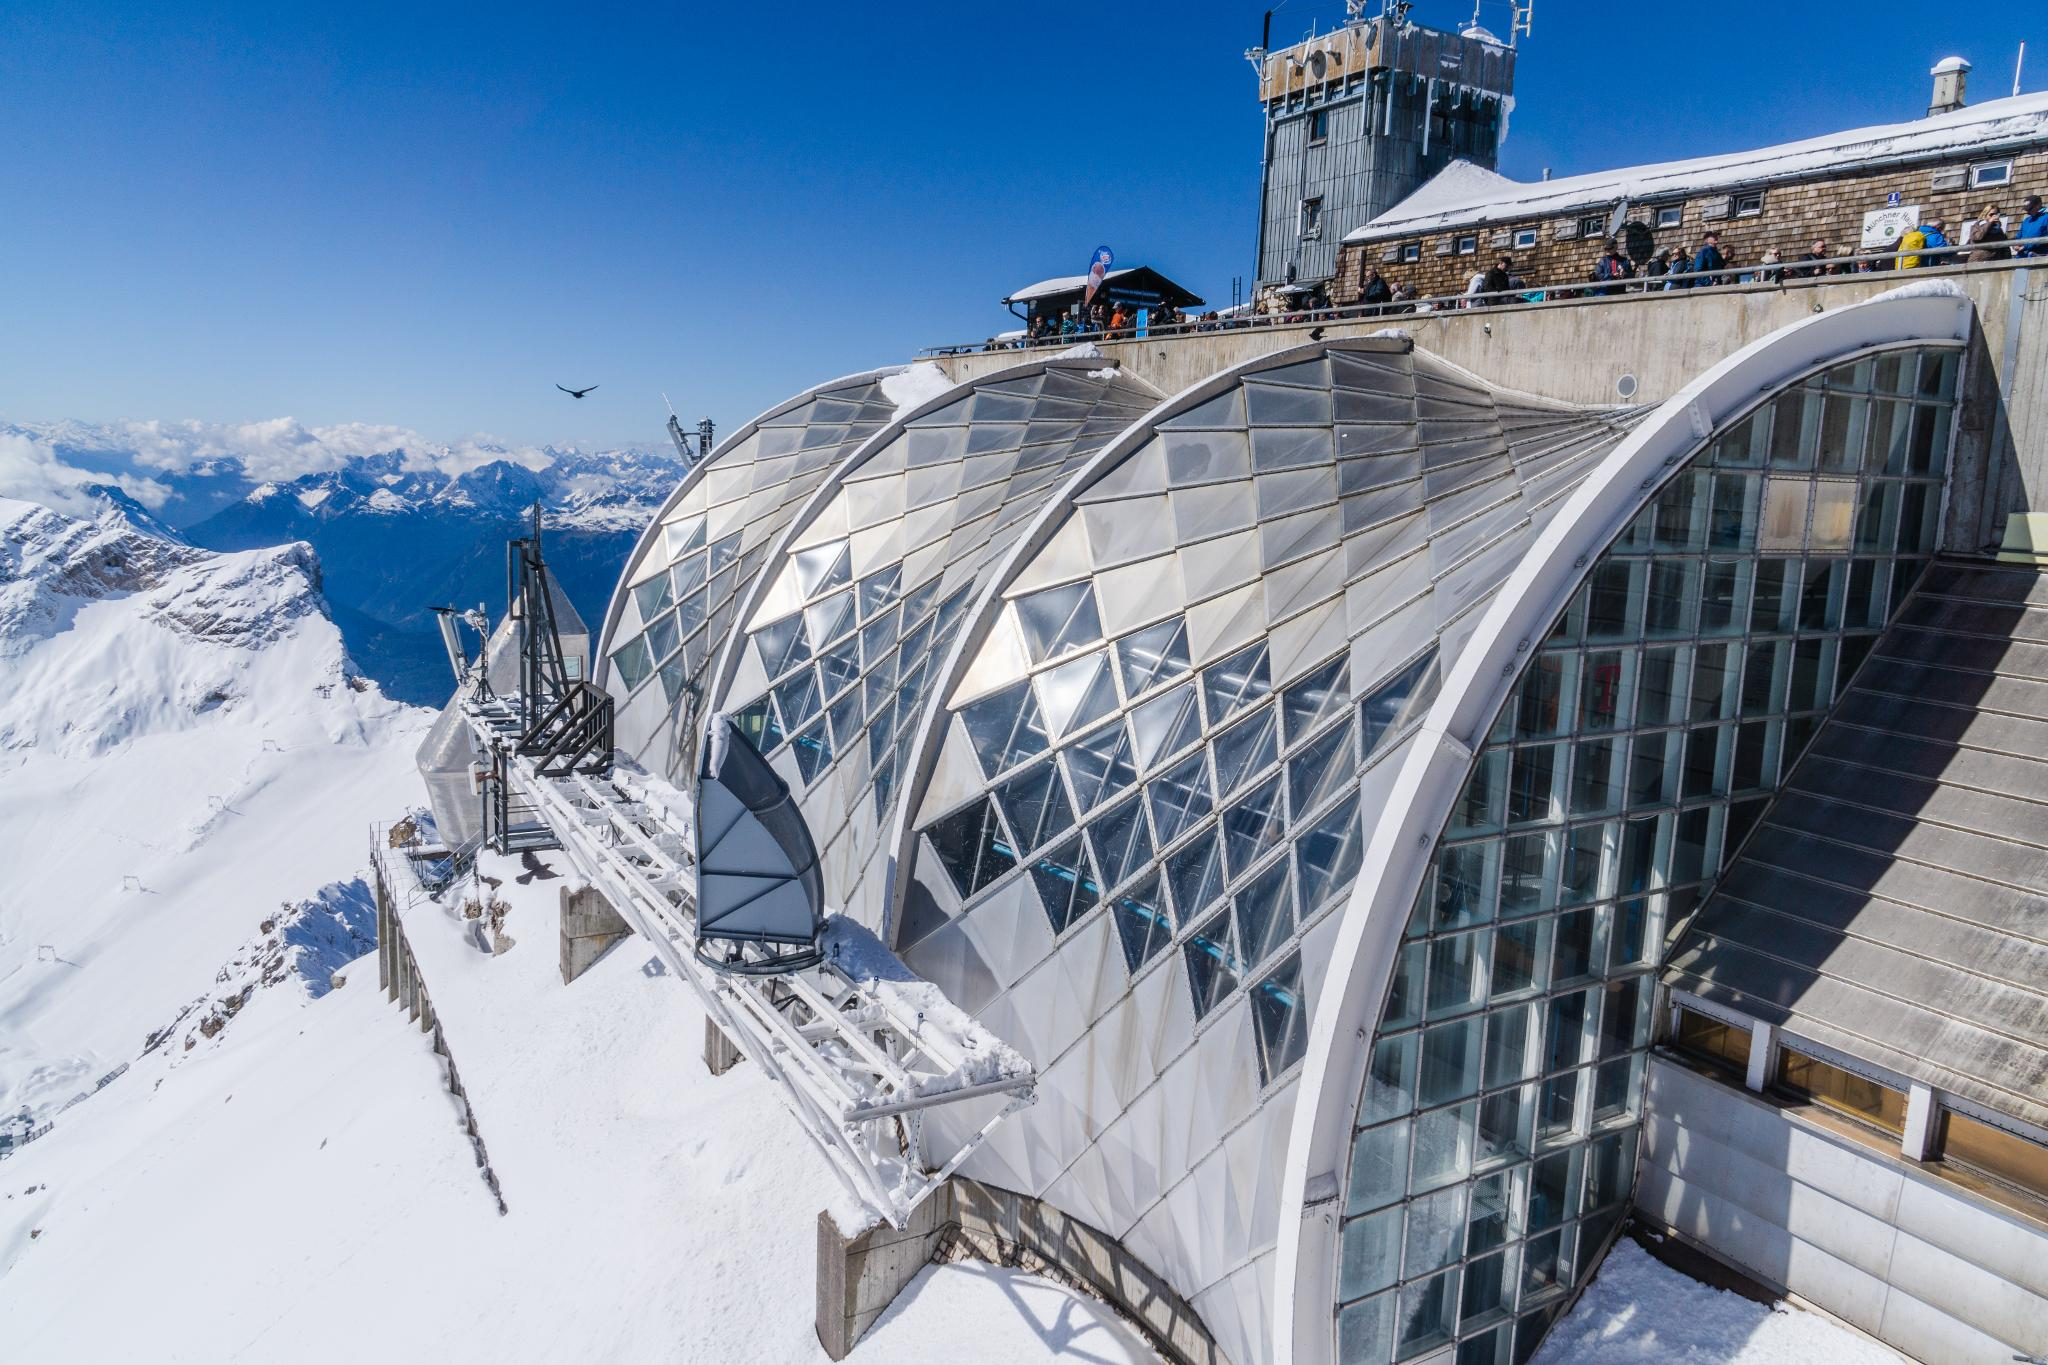 【德國】阿爾卑斯大道:楚格峰 (Zugspitze) 登上德國之巔 44